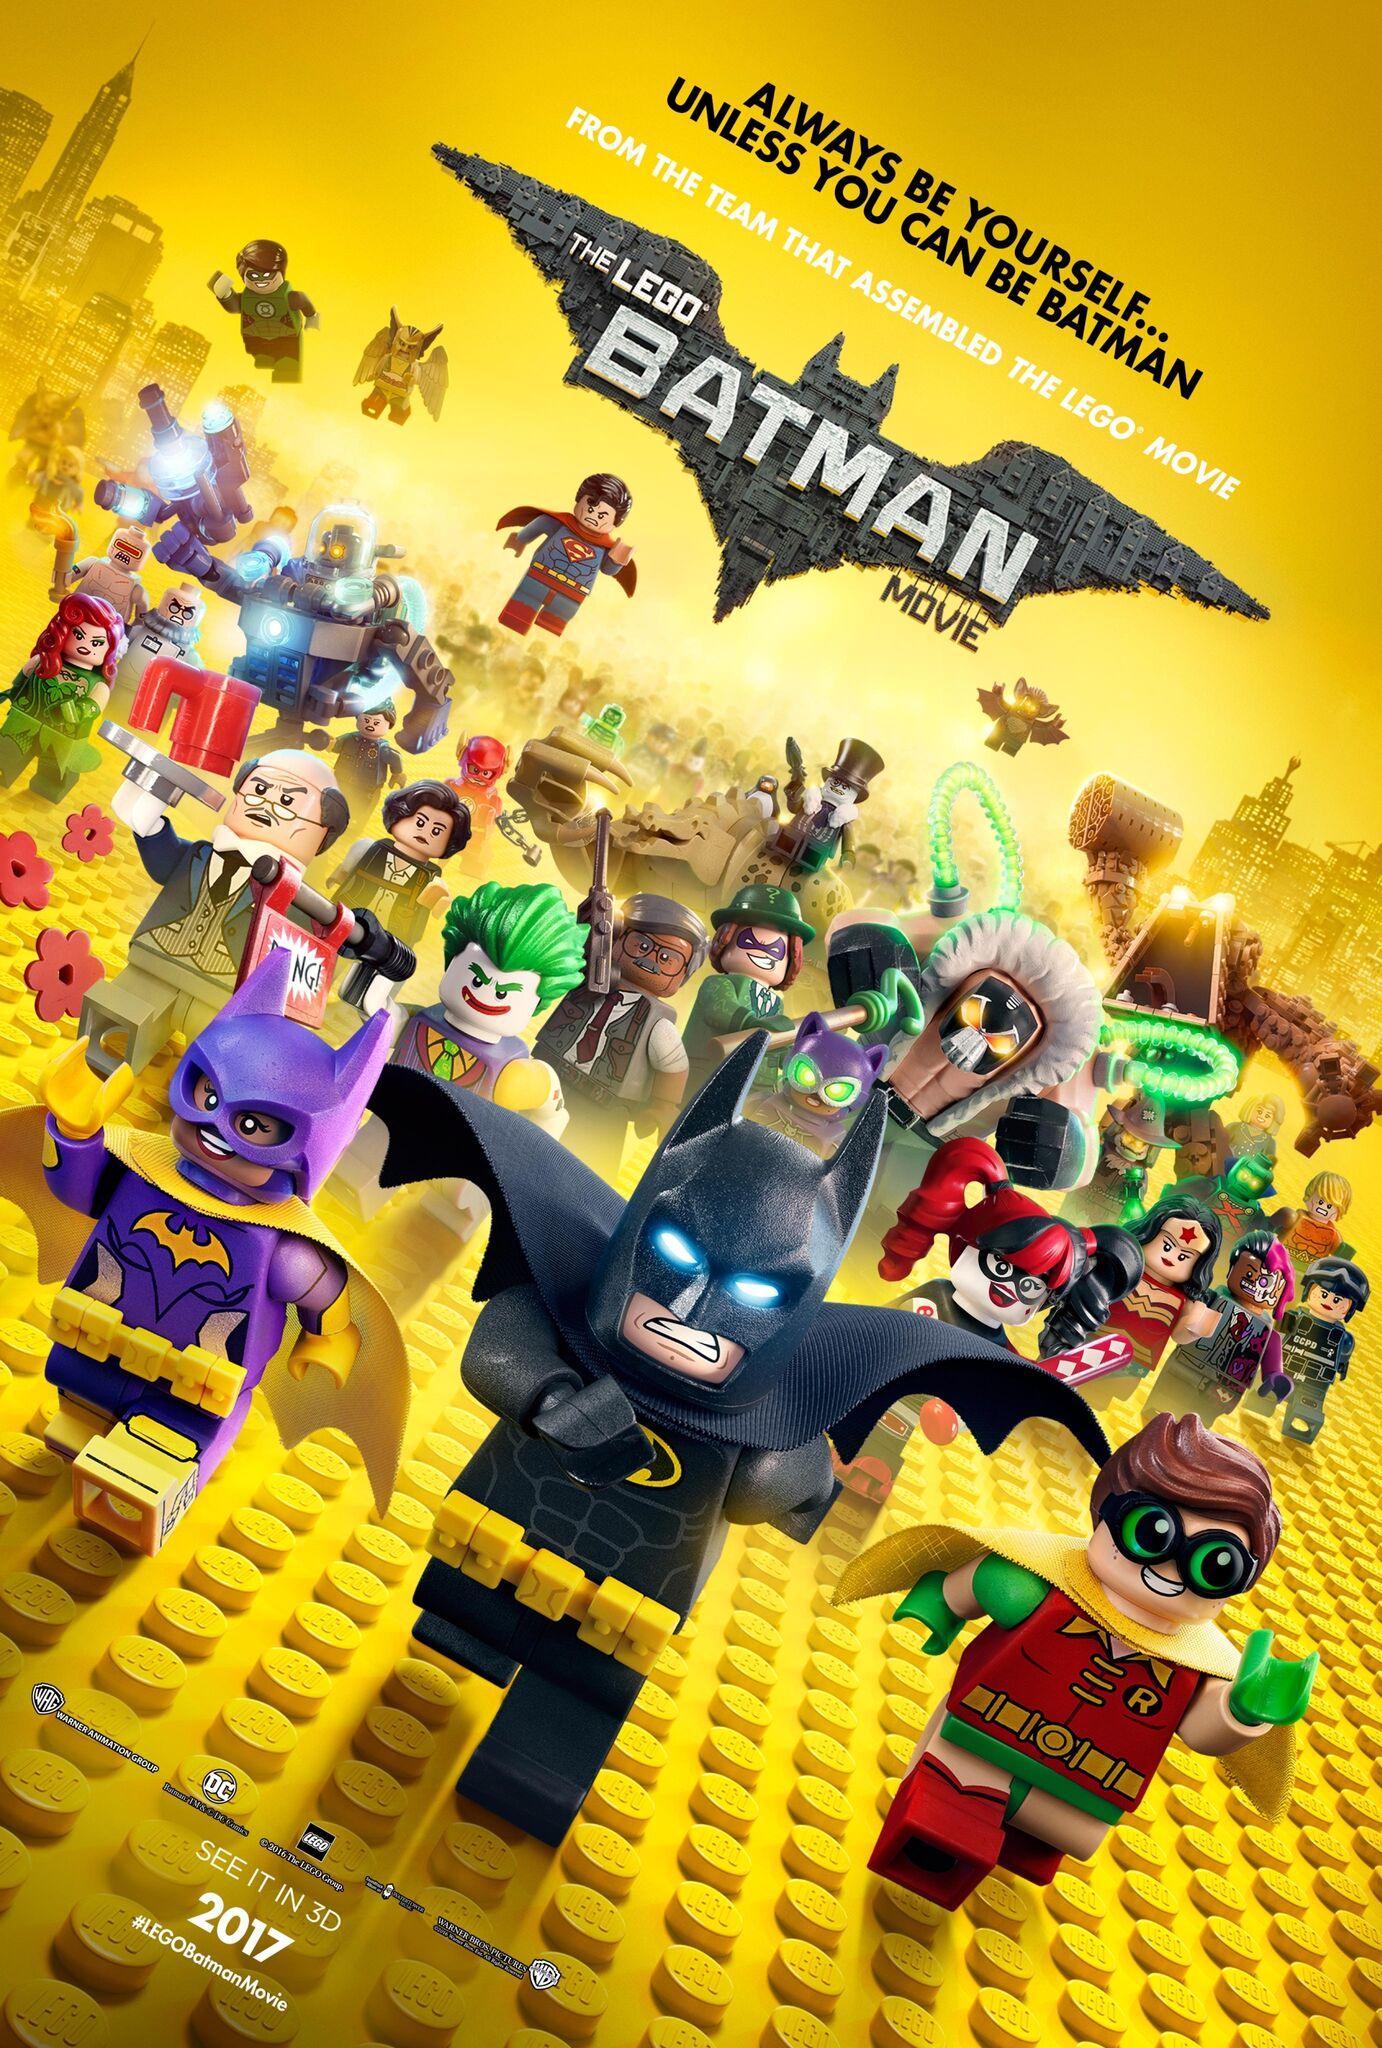 LEGO Batman Movie UK Poster - HeyUGuys